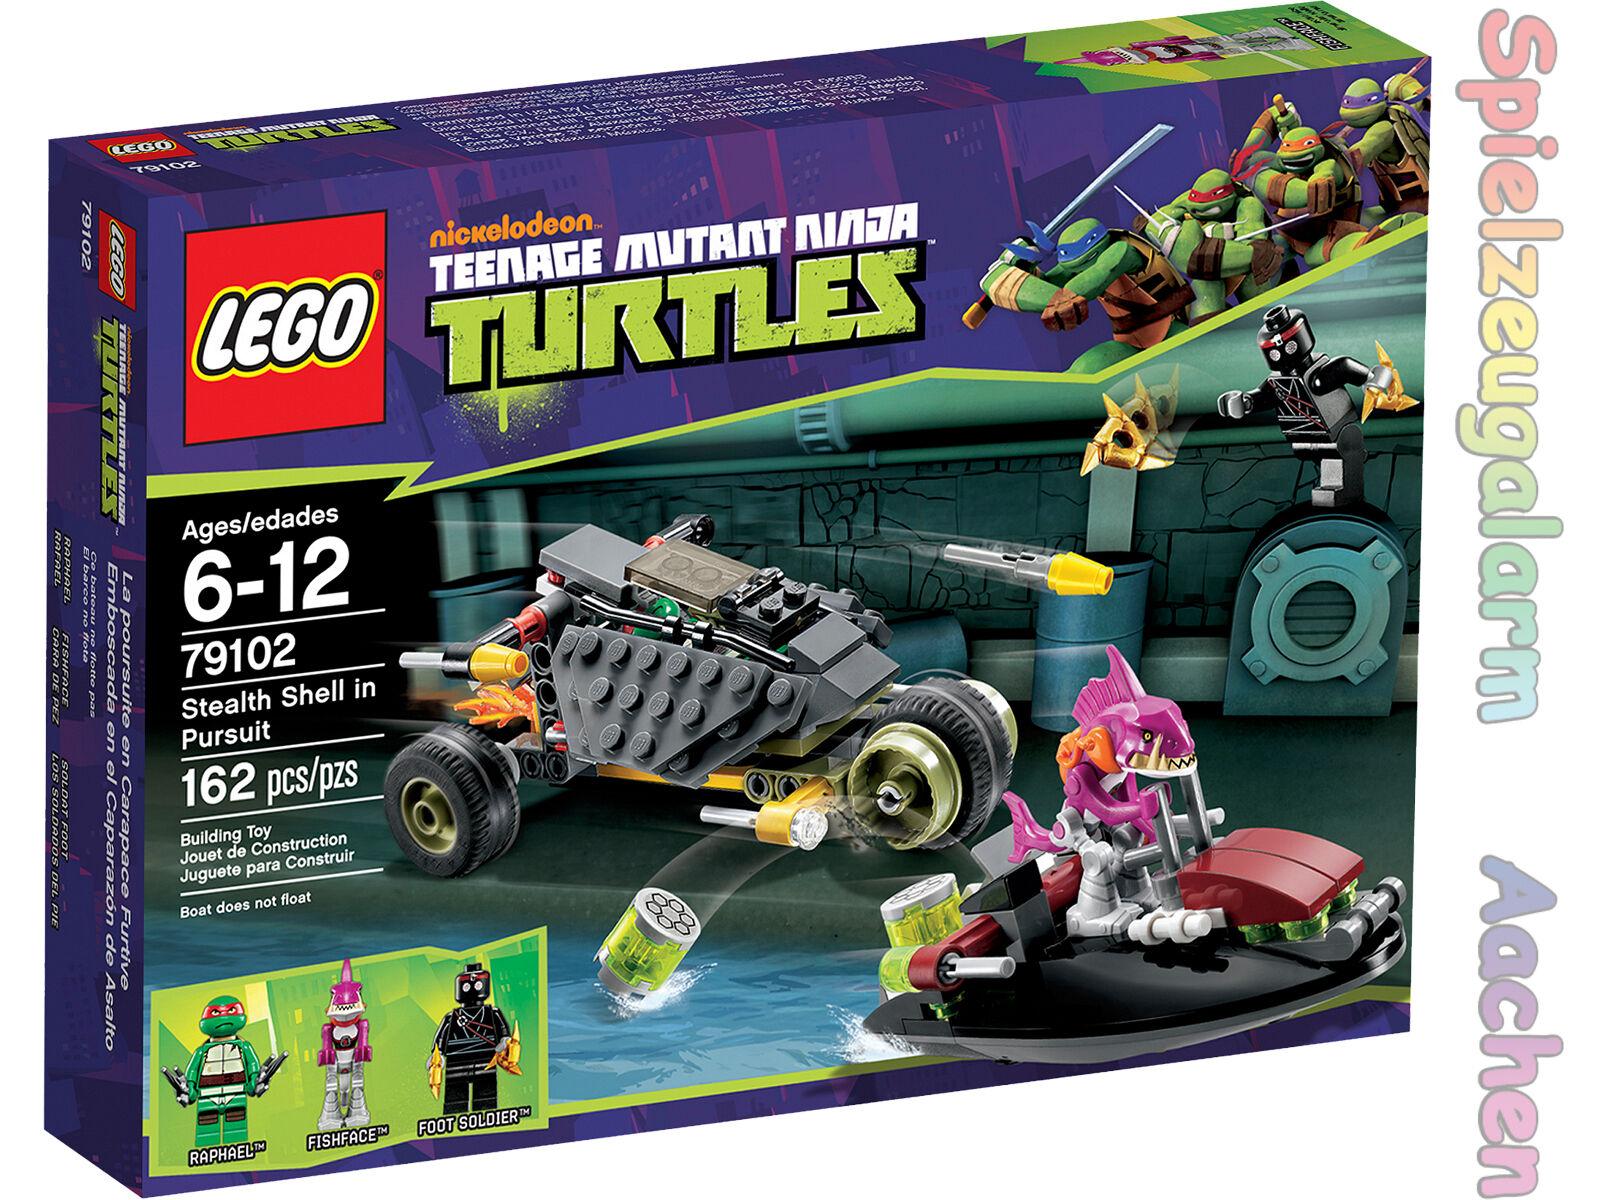 LEGO 79102 TURTLES Verfolgungsjagd Stealth Shell in Pursuit La poursuite en Cara